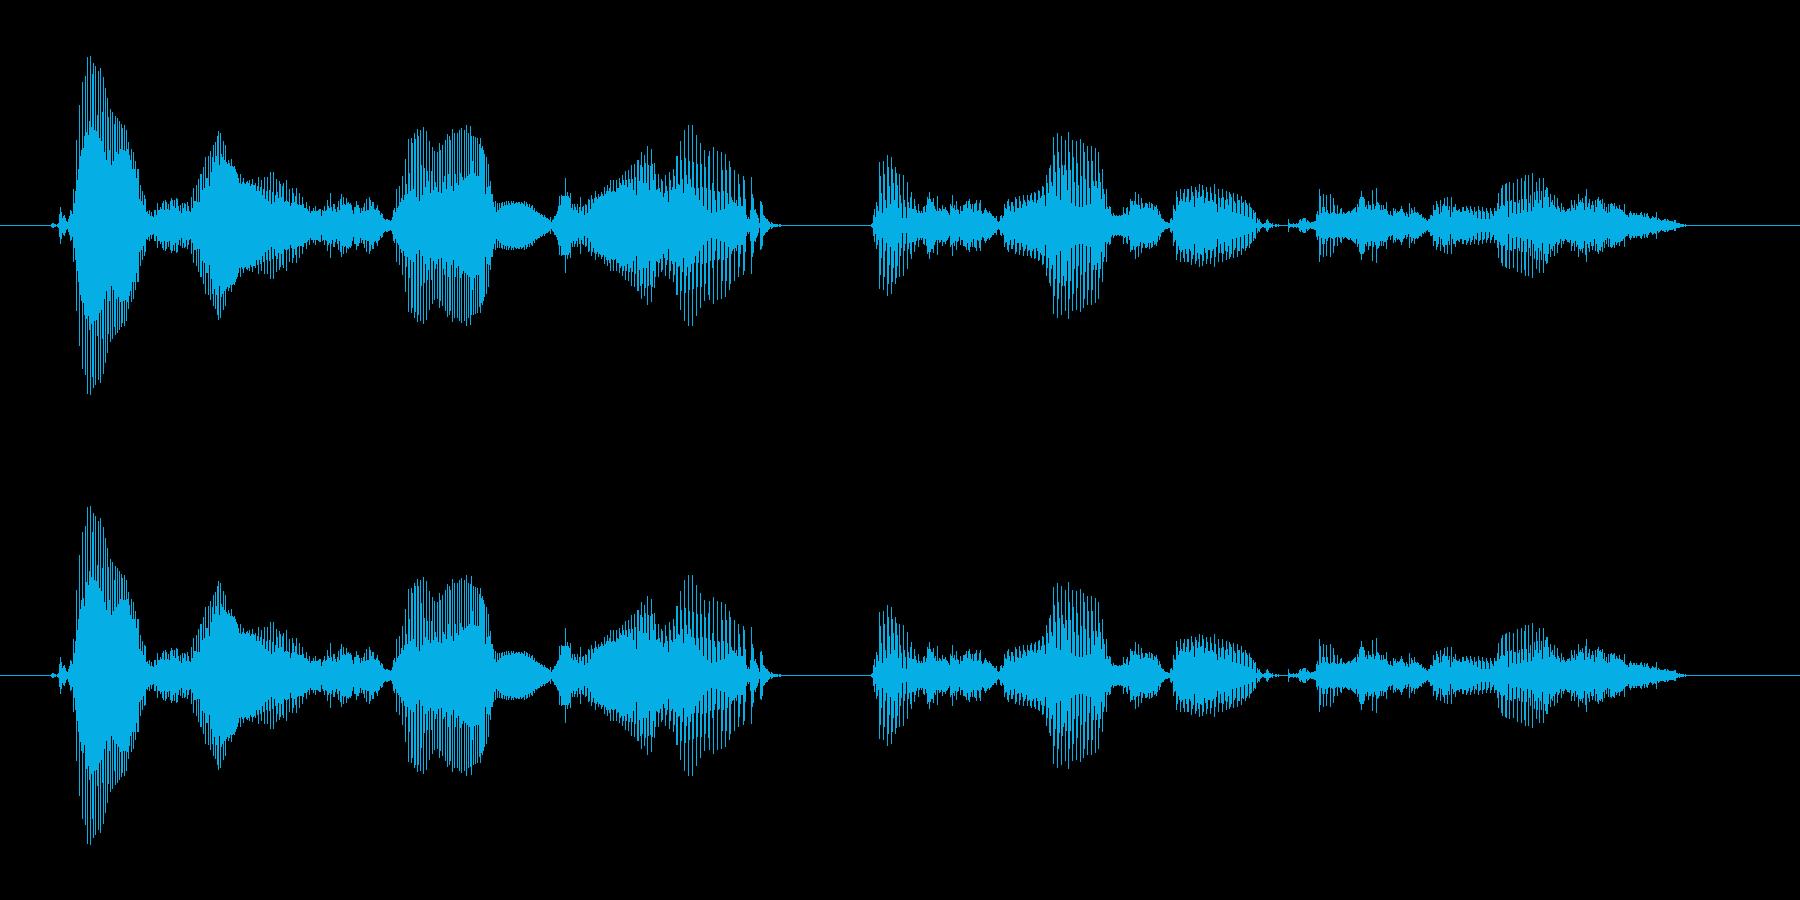 【時報・時間】午前3時を、お知らせいた…の再生済みの波形